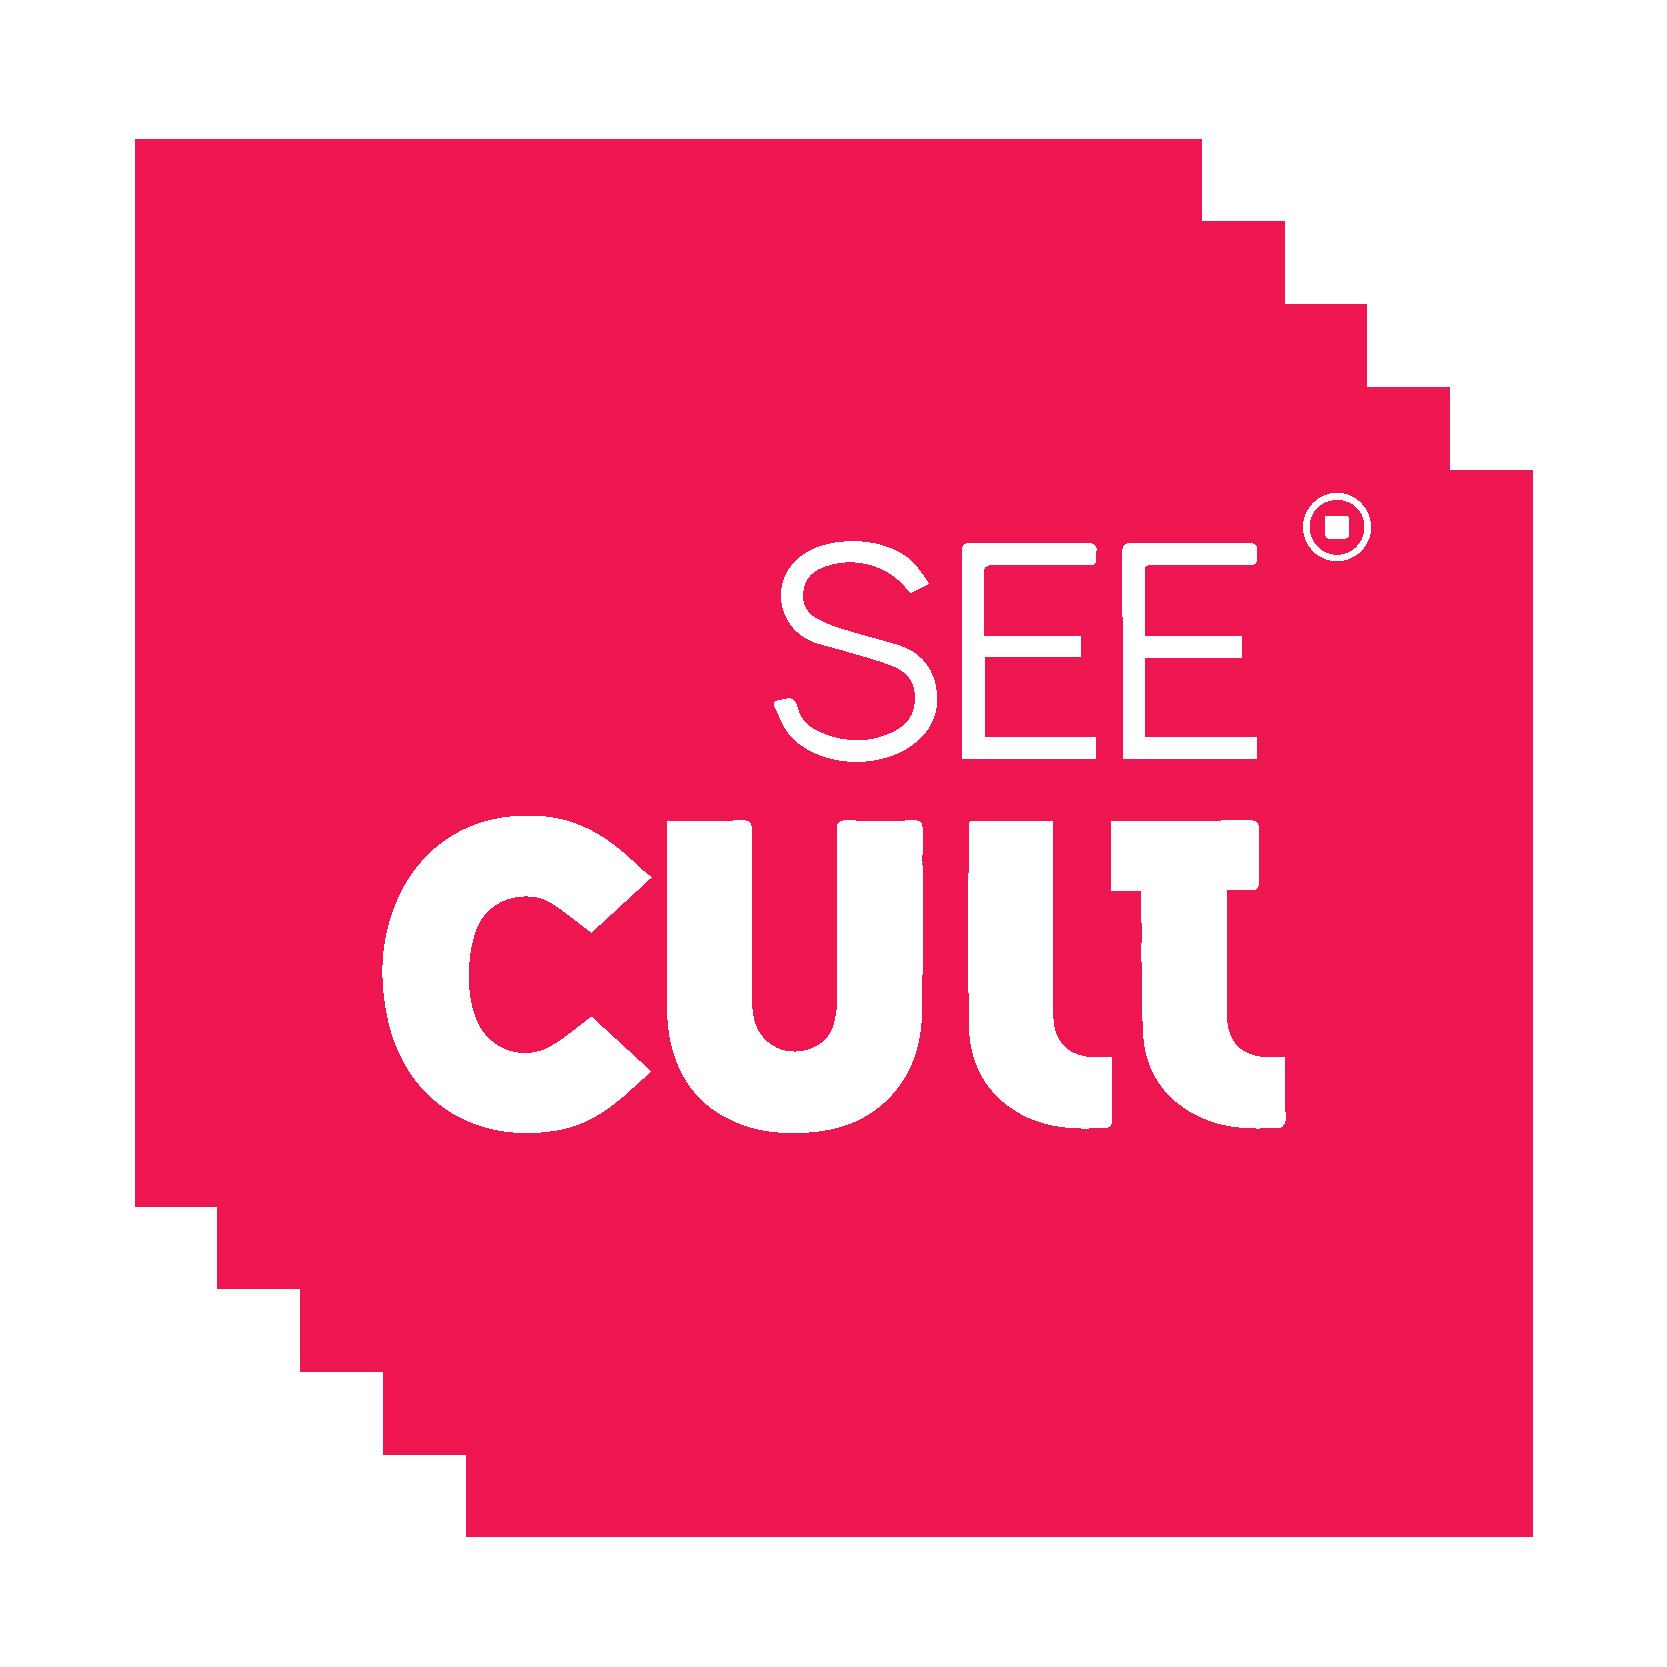 seecult_logo